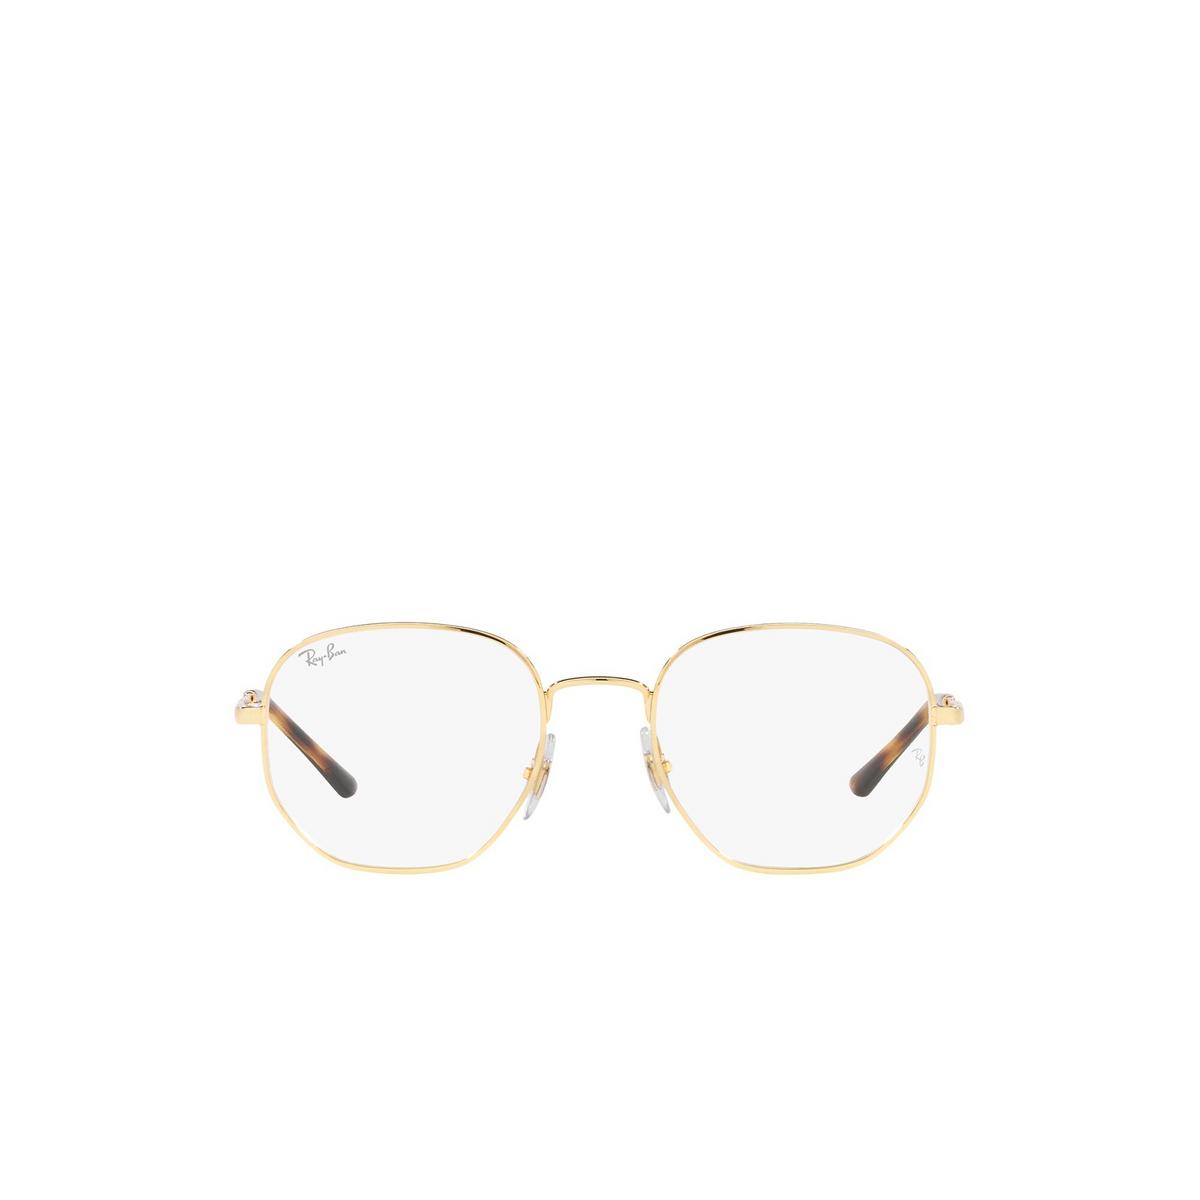 Ray-Ban® Irregular Eyeglasses: RX3682V color Gold 2500 - front view.